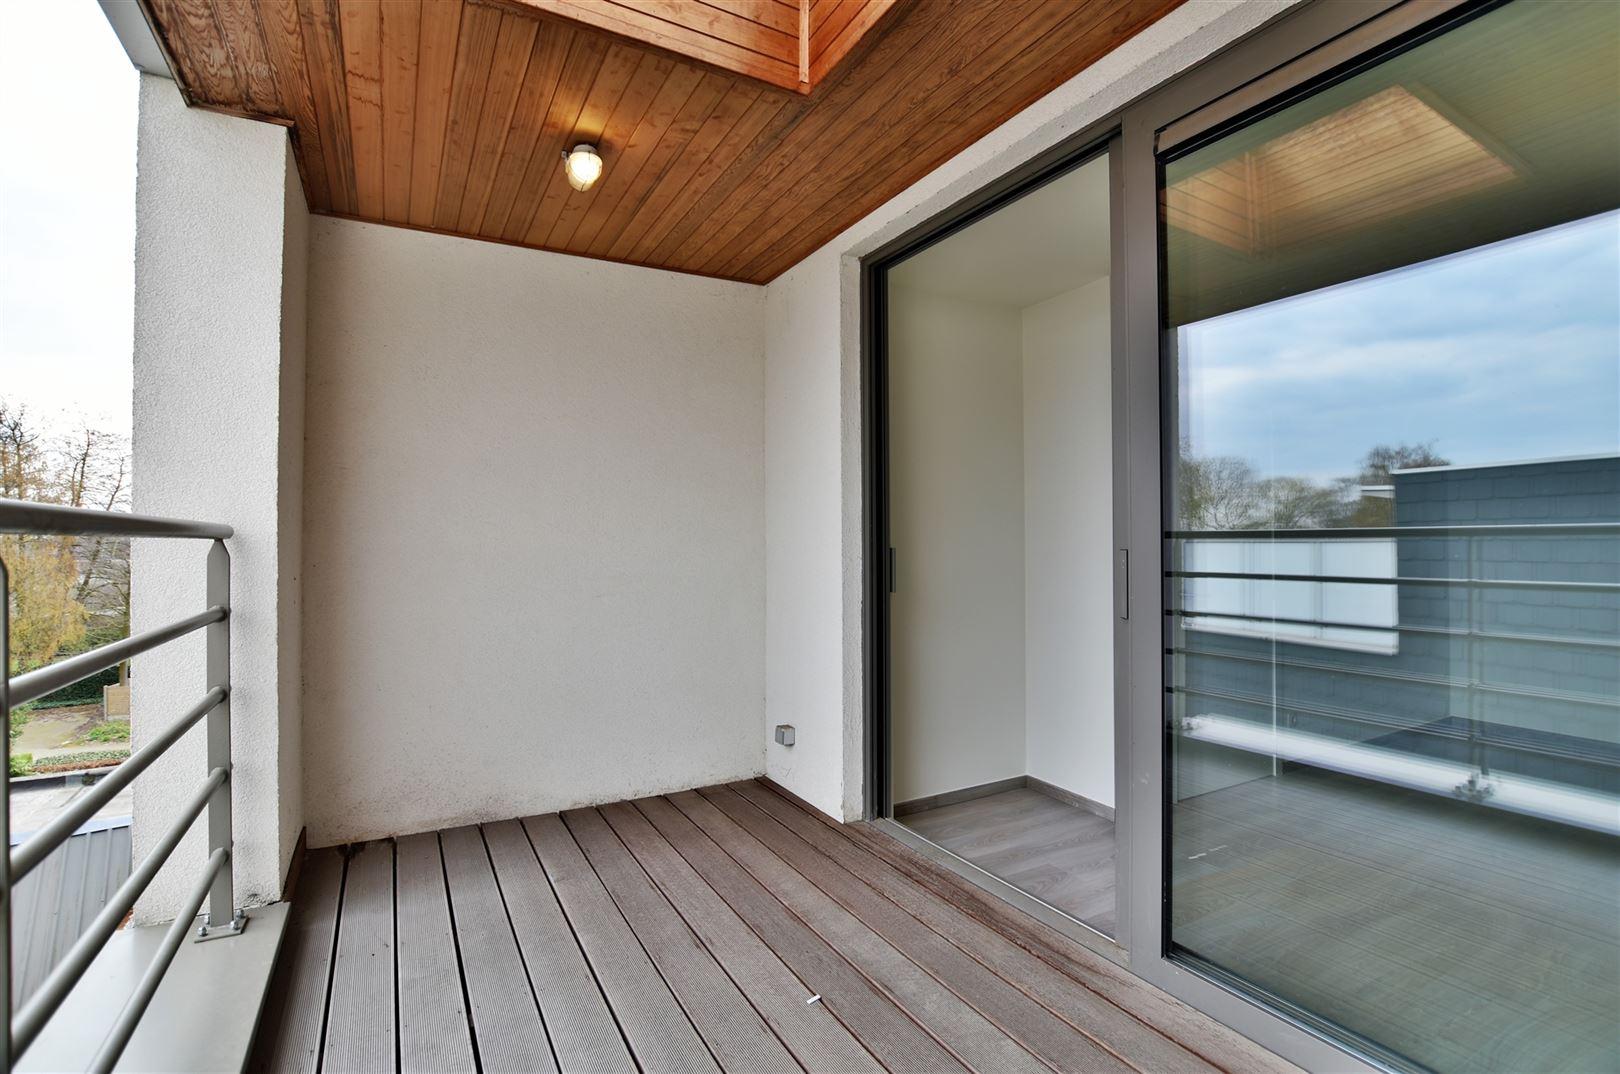 Foto 24 : Appartement te 9200 Sint-Gillis-bij-Dendermonde (België) - Prijs € 278.000